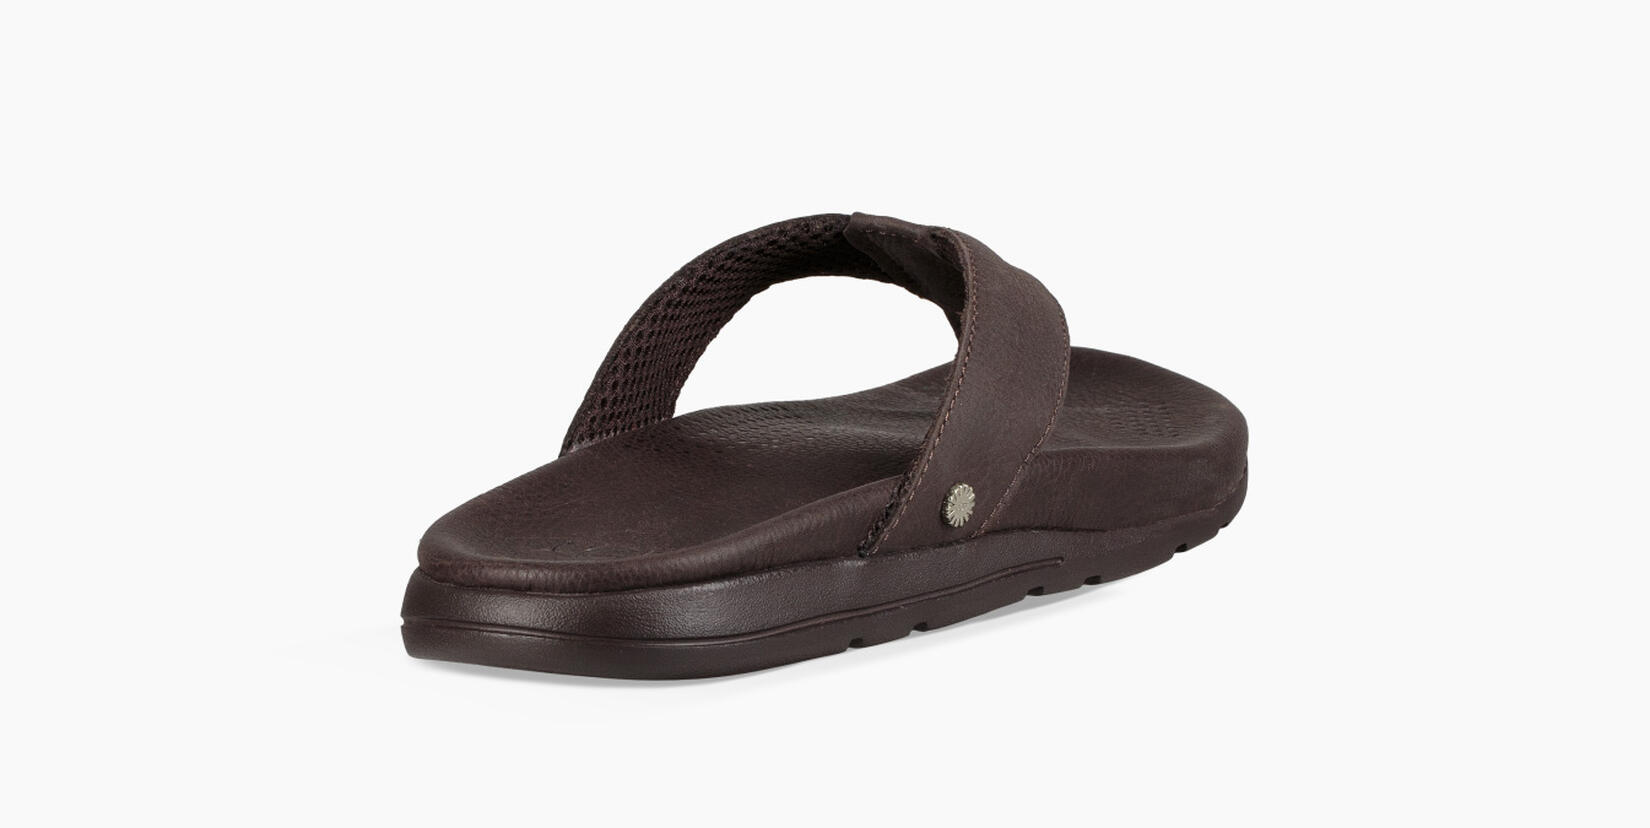 Tenoch Luxe Flip Flop